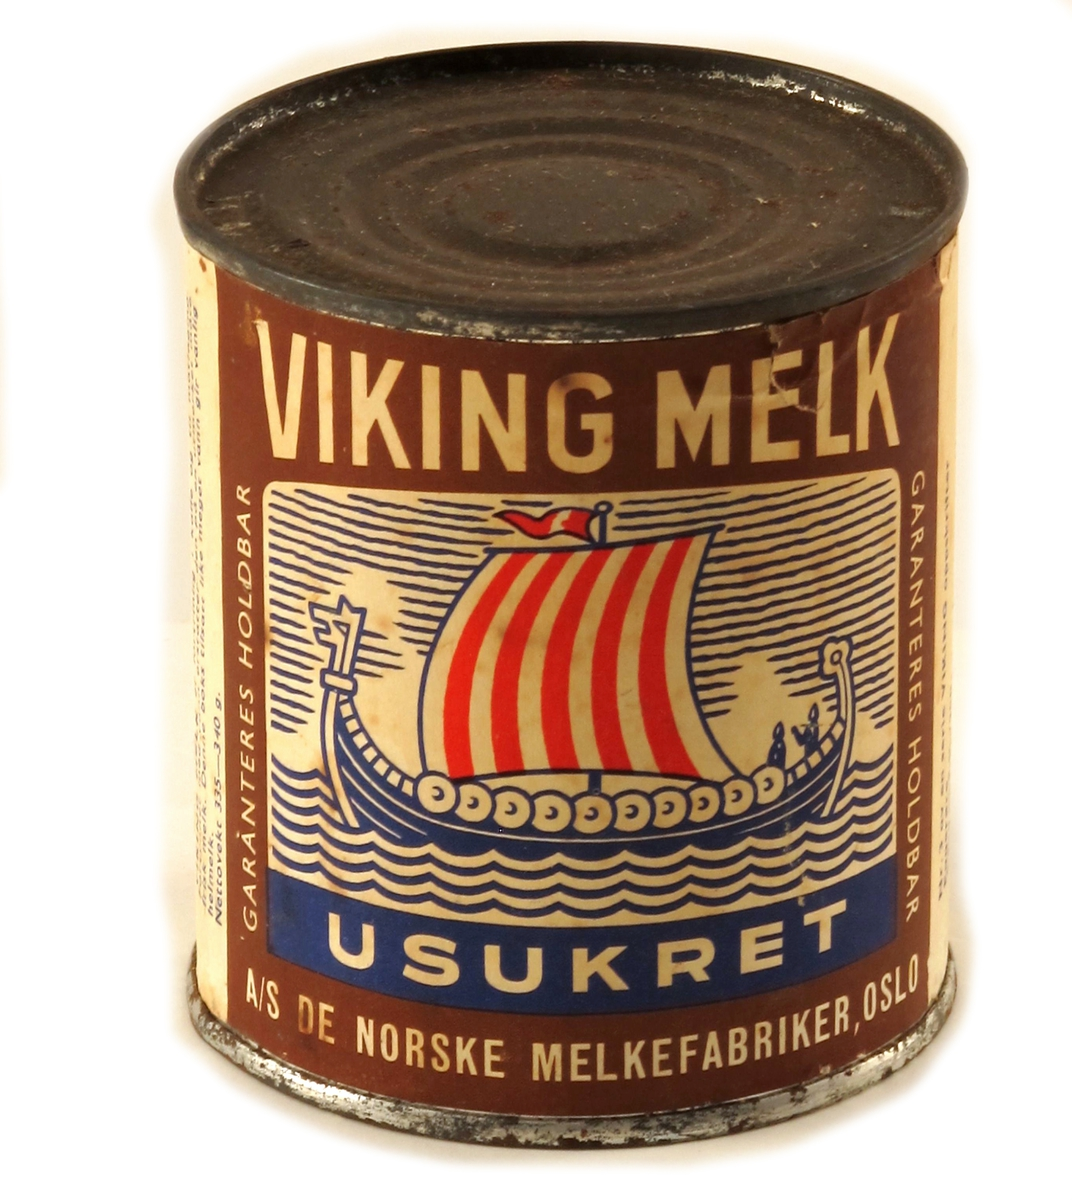 Sylinderformet  boks av valset jernblikk, falset kant, trykt etikett, hermetisert melk. Etikett av papir.